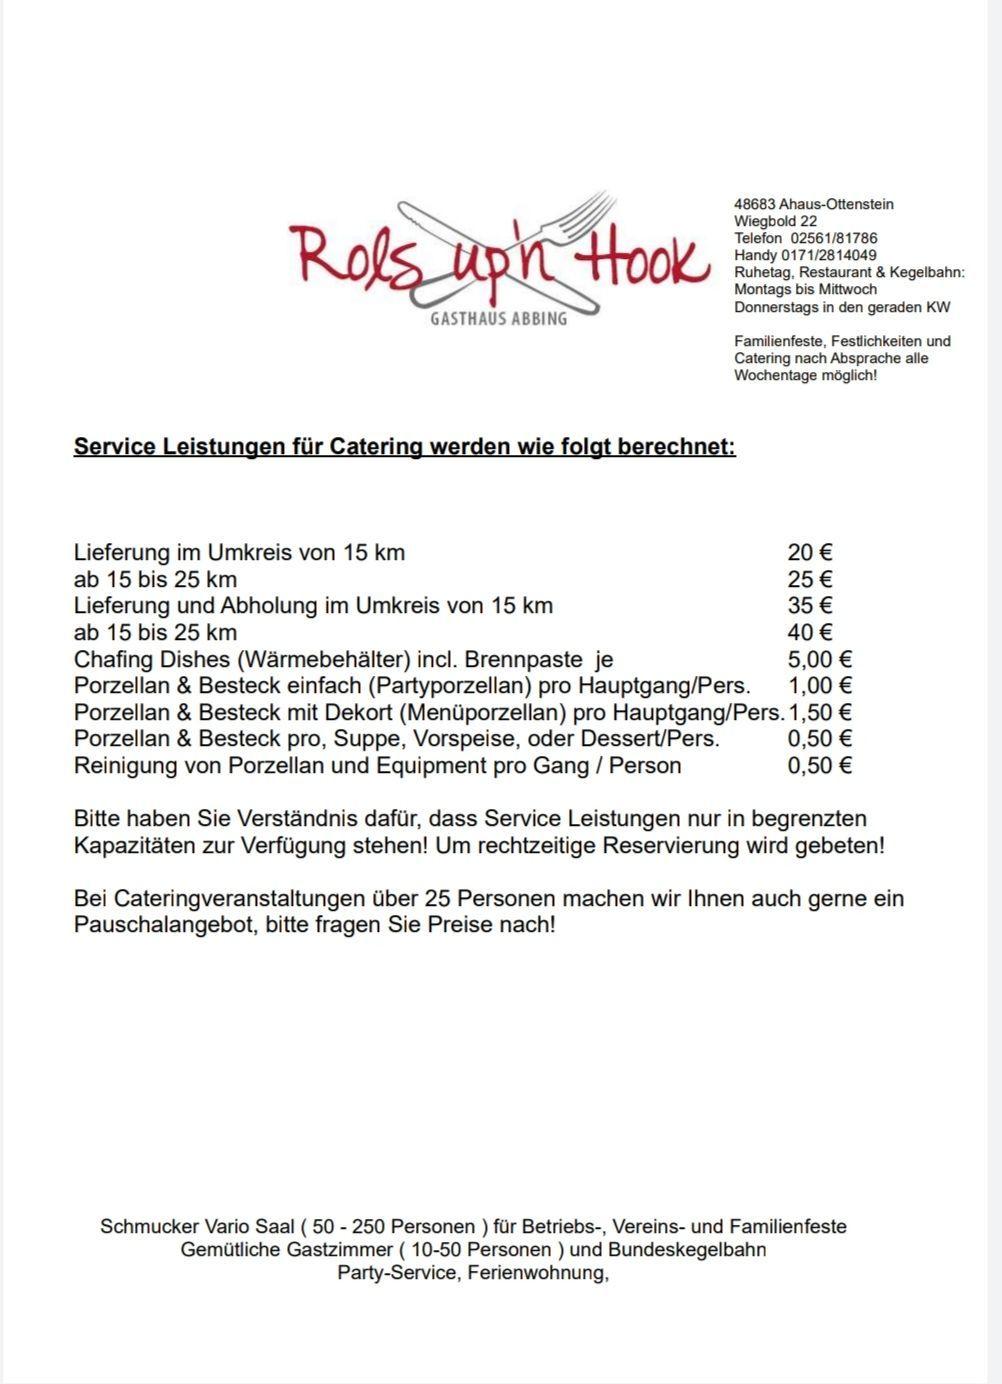 LEISTUNGEN FÜR CATERING - Serviceleistungen